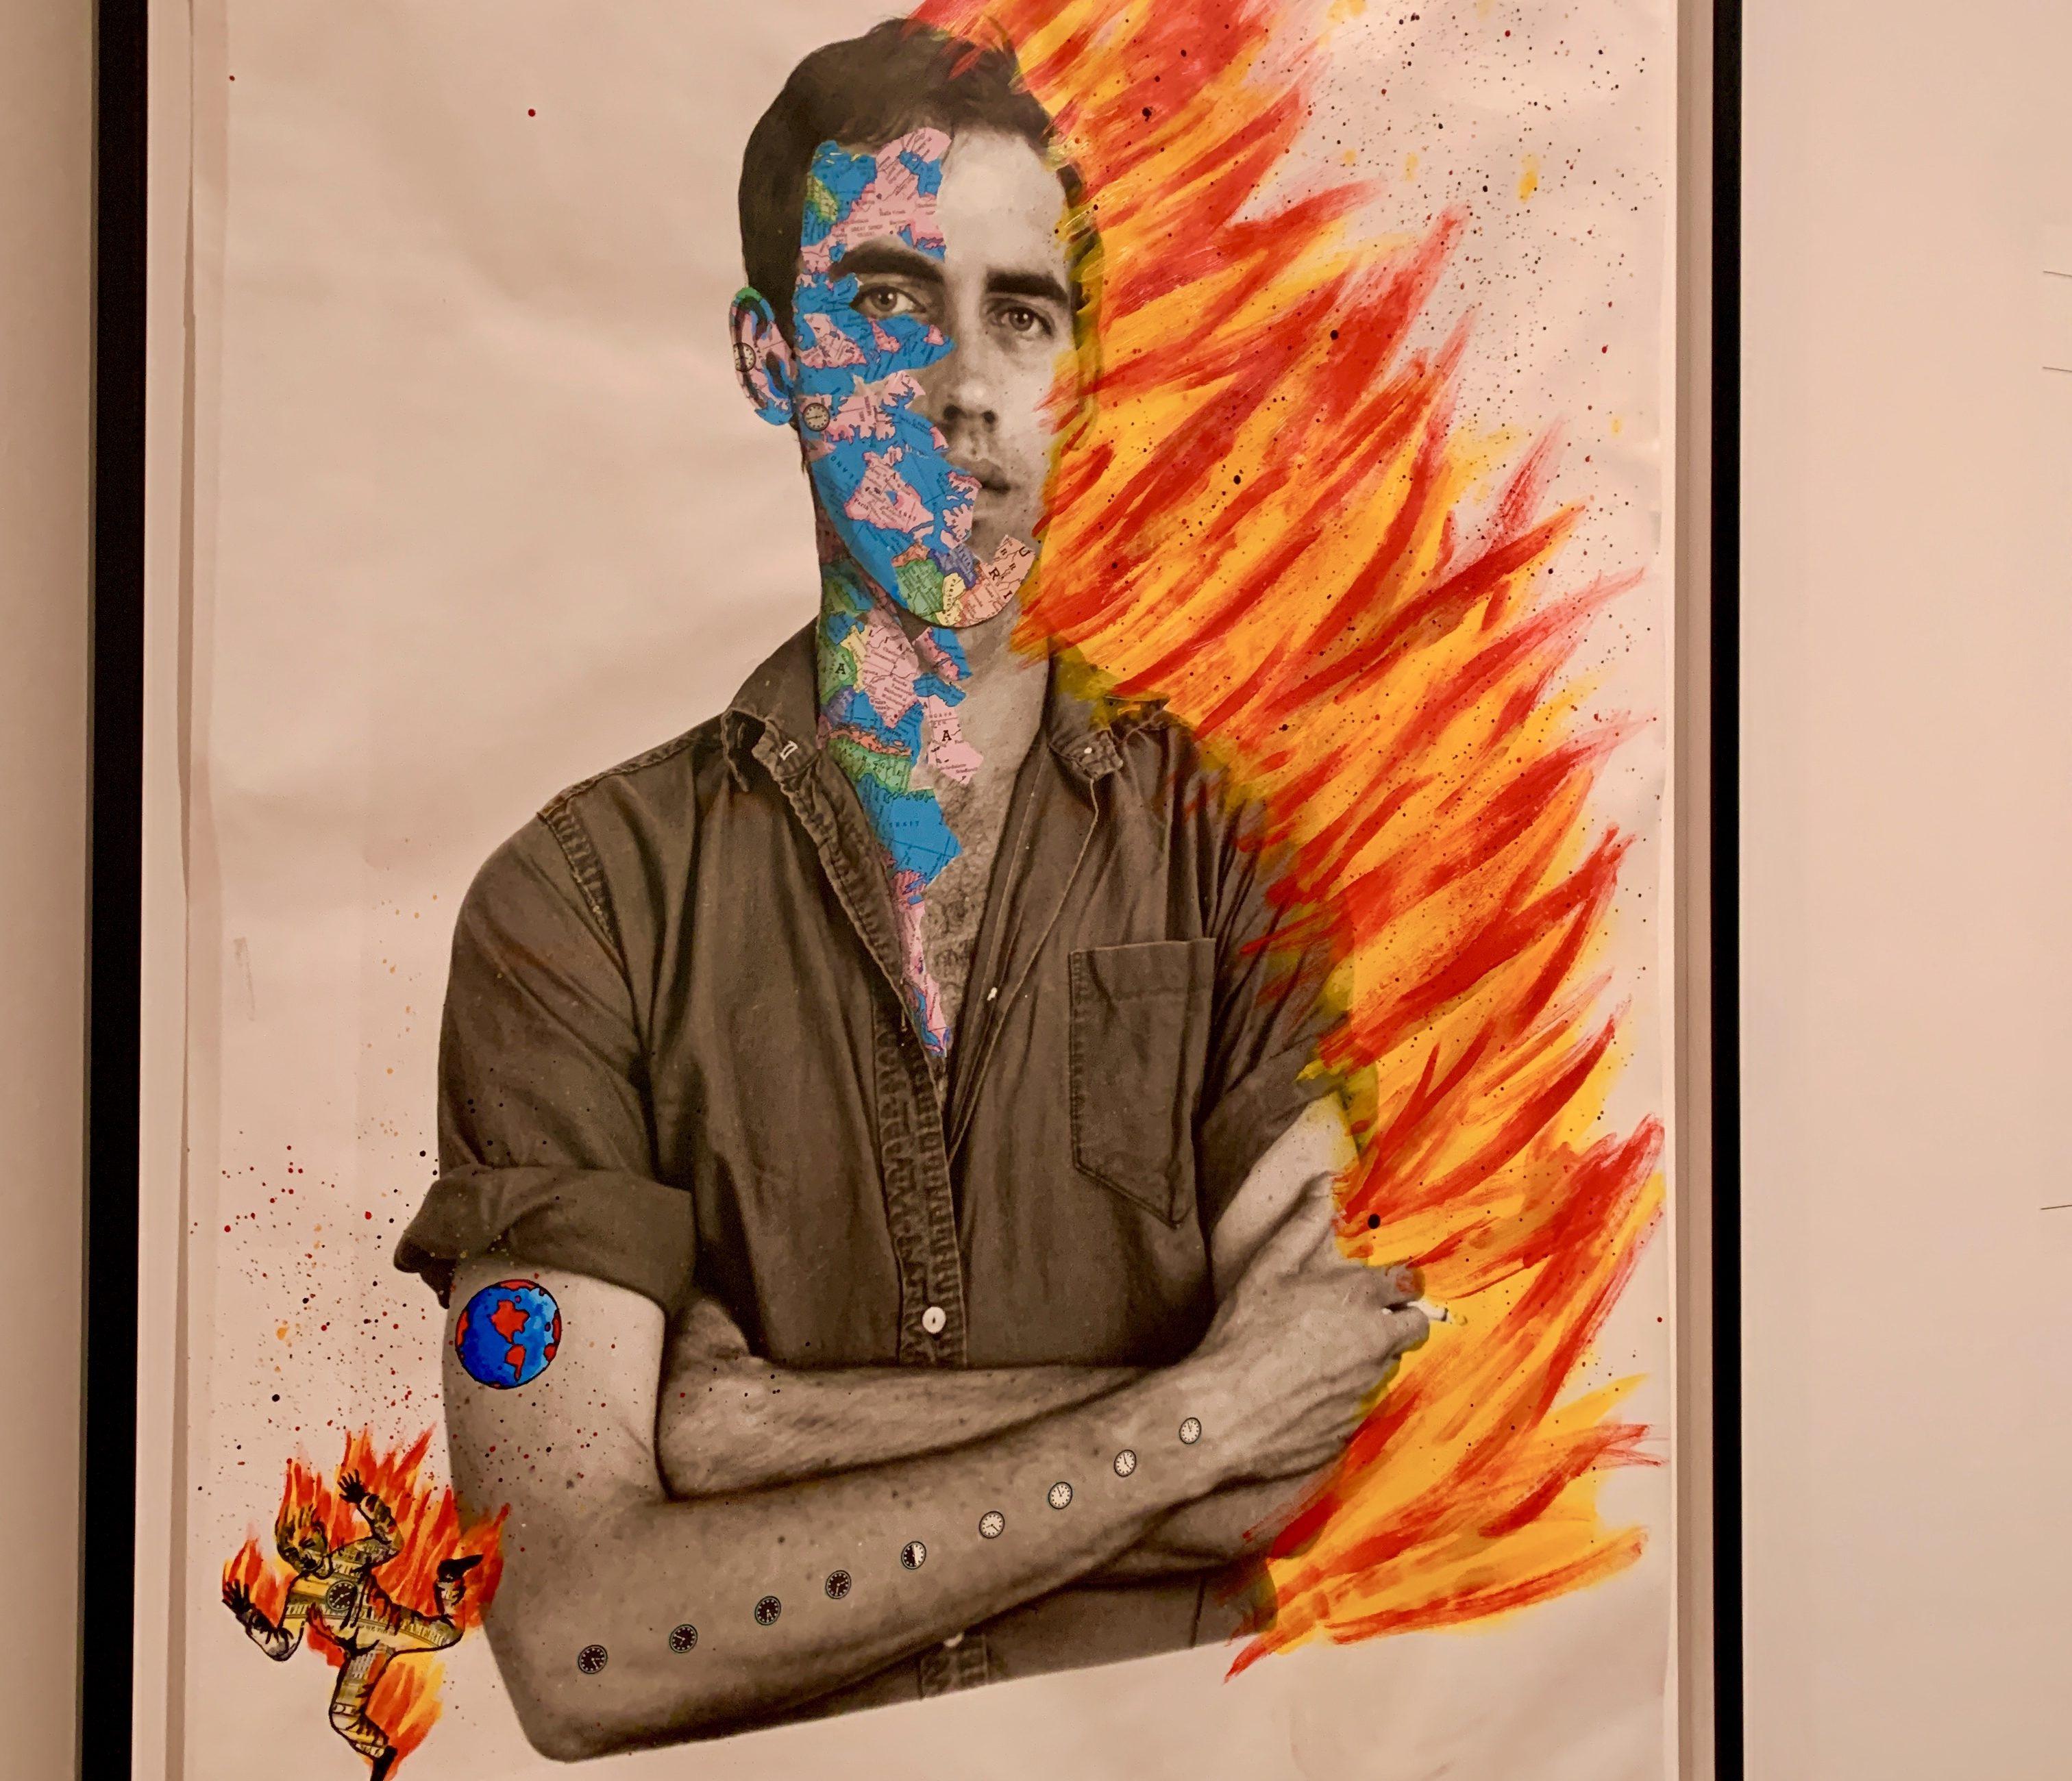 Kulturgeflüster der Woche #13: Die Kunst des David Wojnarowicz